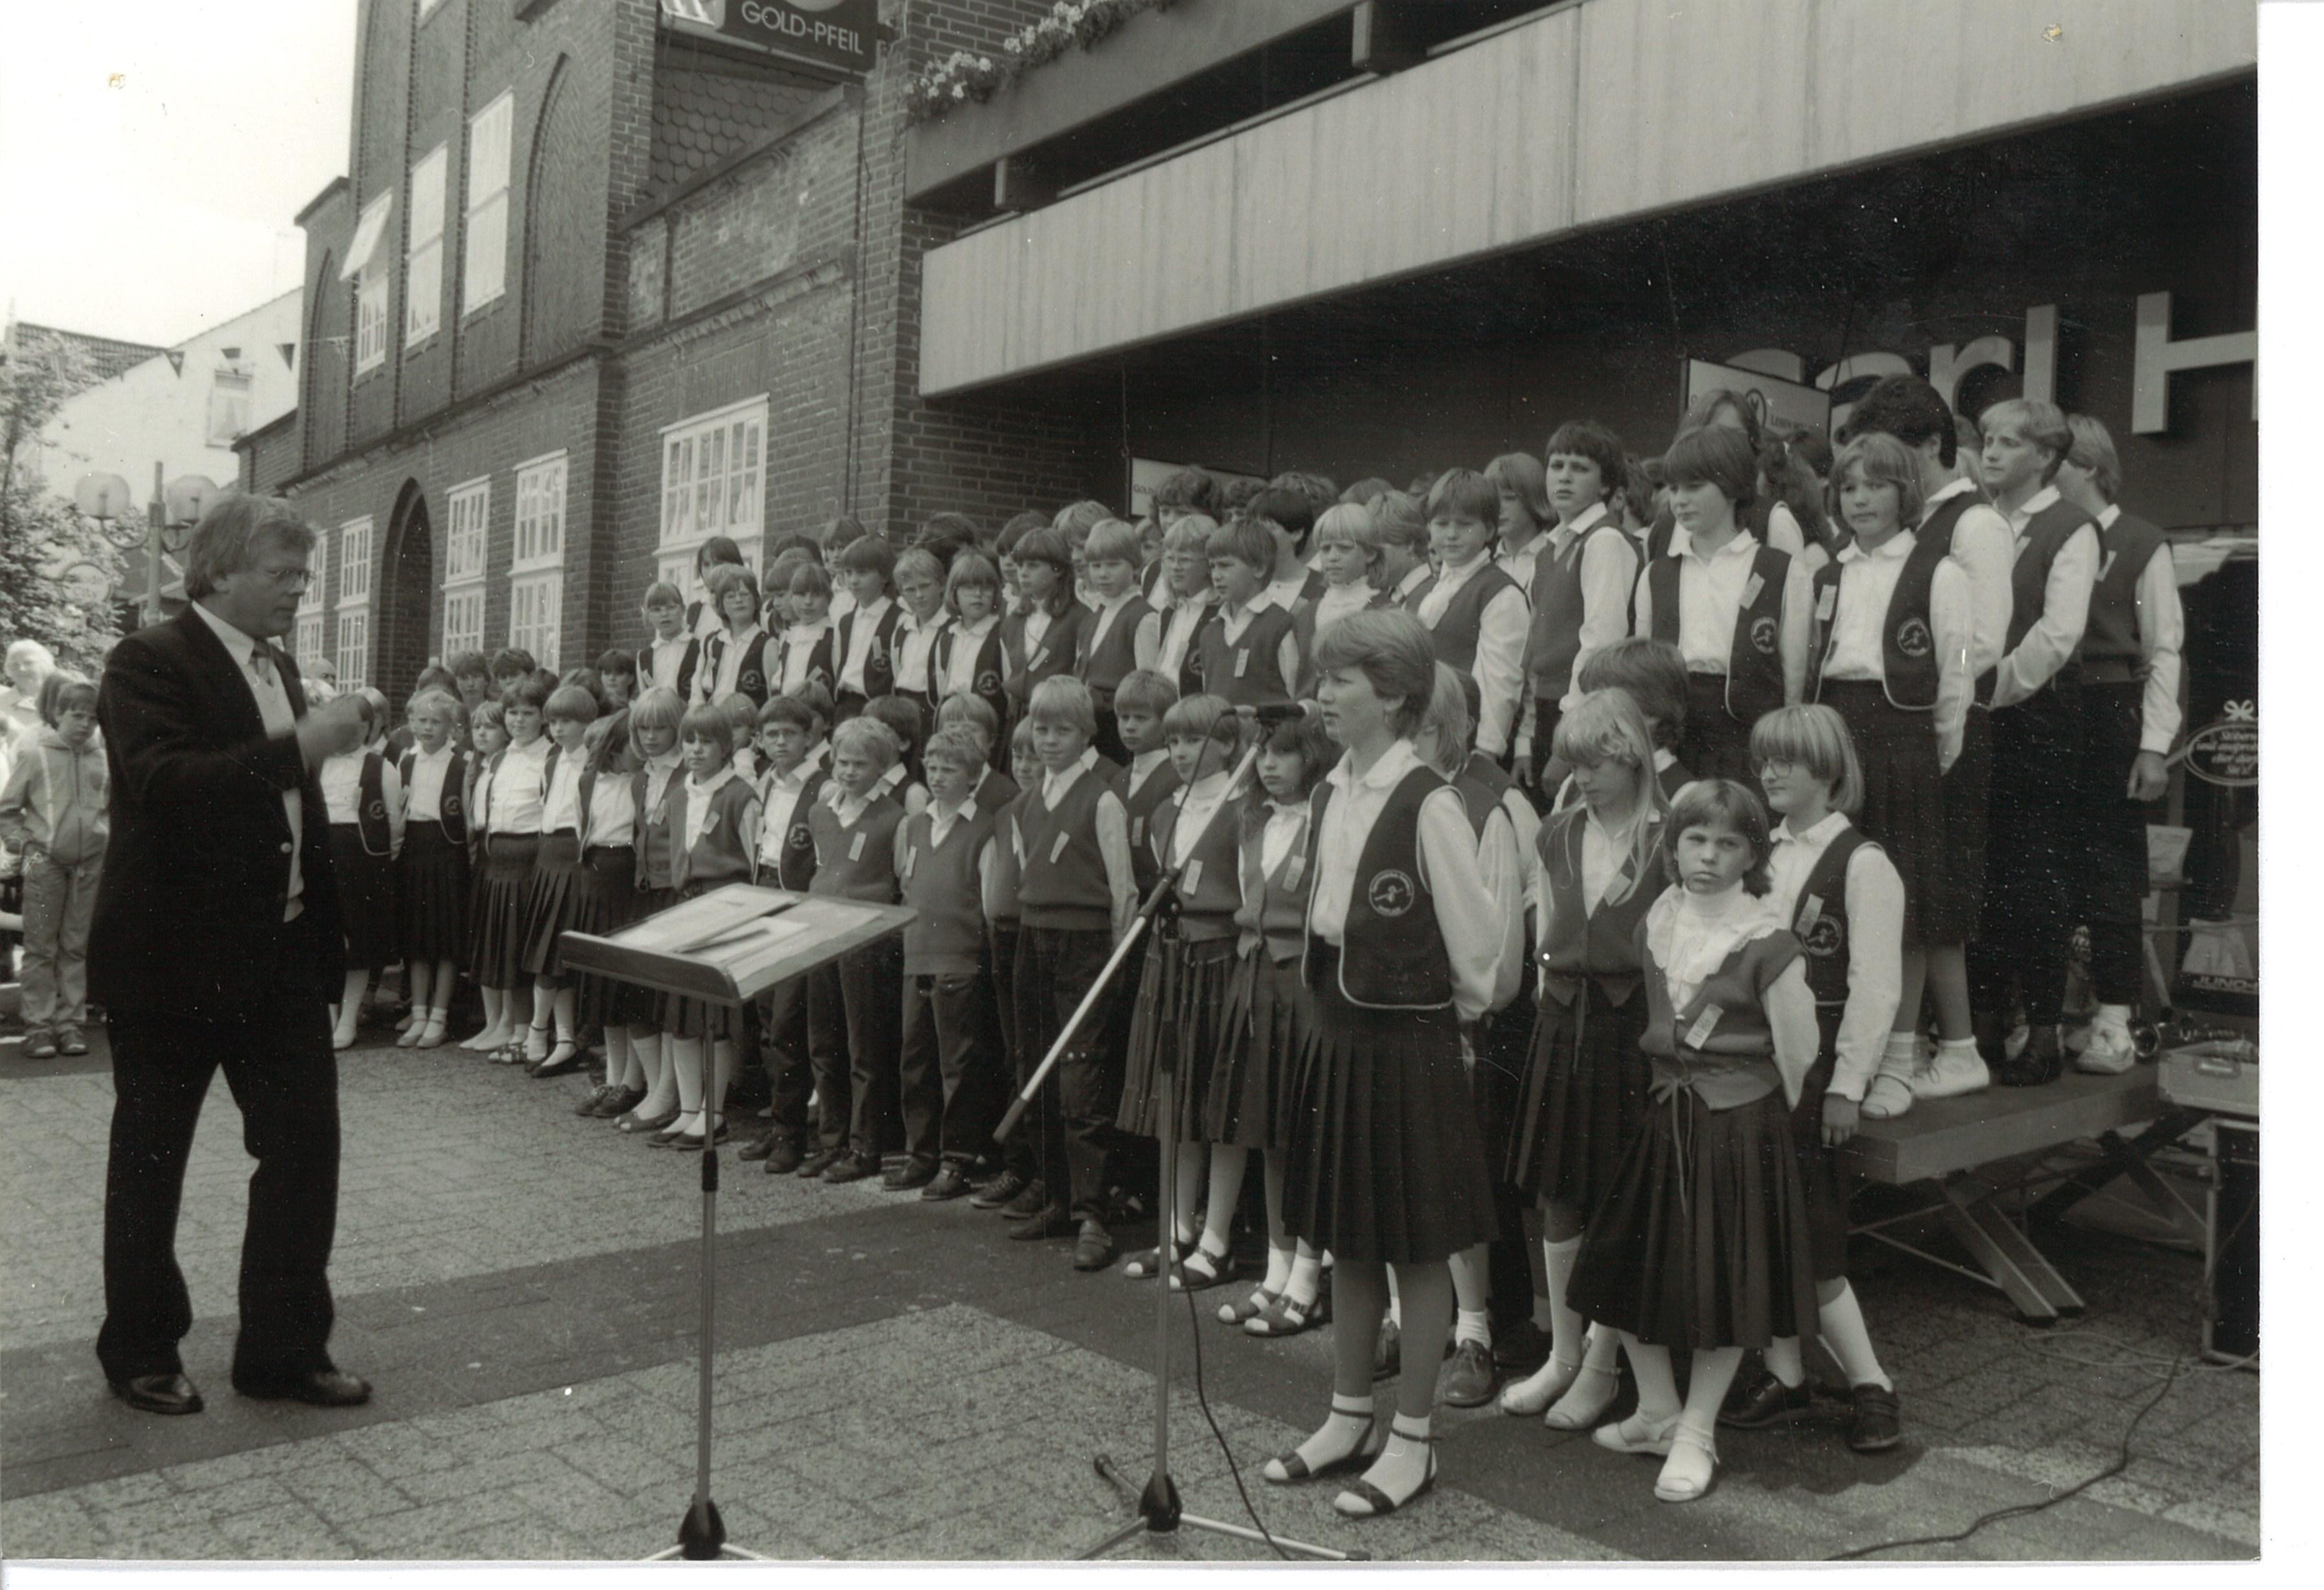 Der Gründer und sein Ensemble: Werner Speckmann leitete jahrzehntelang den Kinderchor der Musikschule Romberg. Foto: Musikschule Romberg